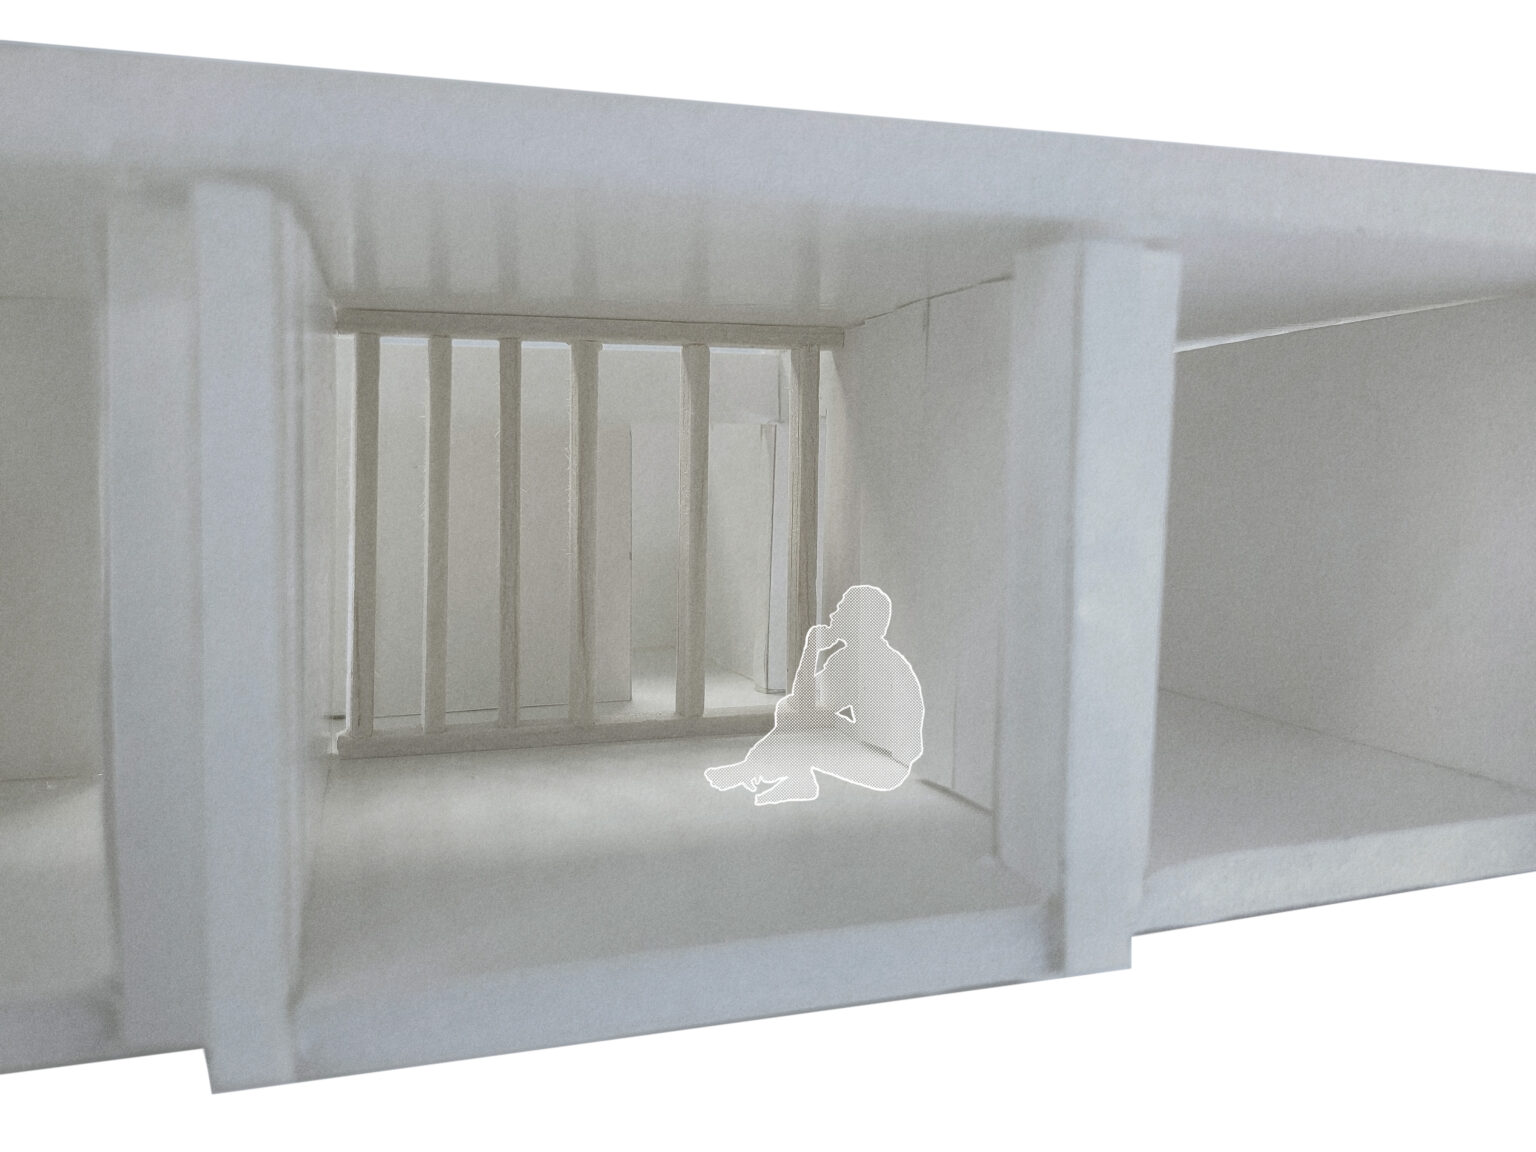 Permanent Enclosure